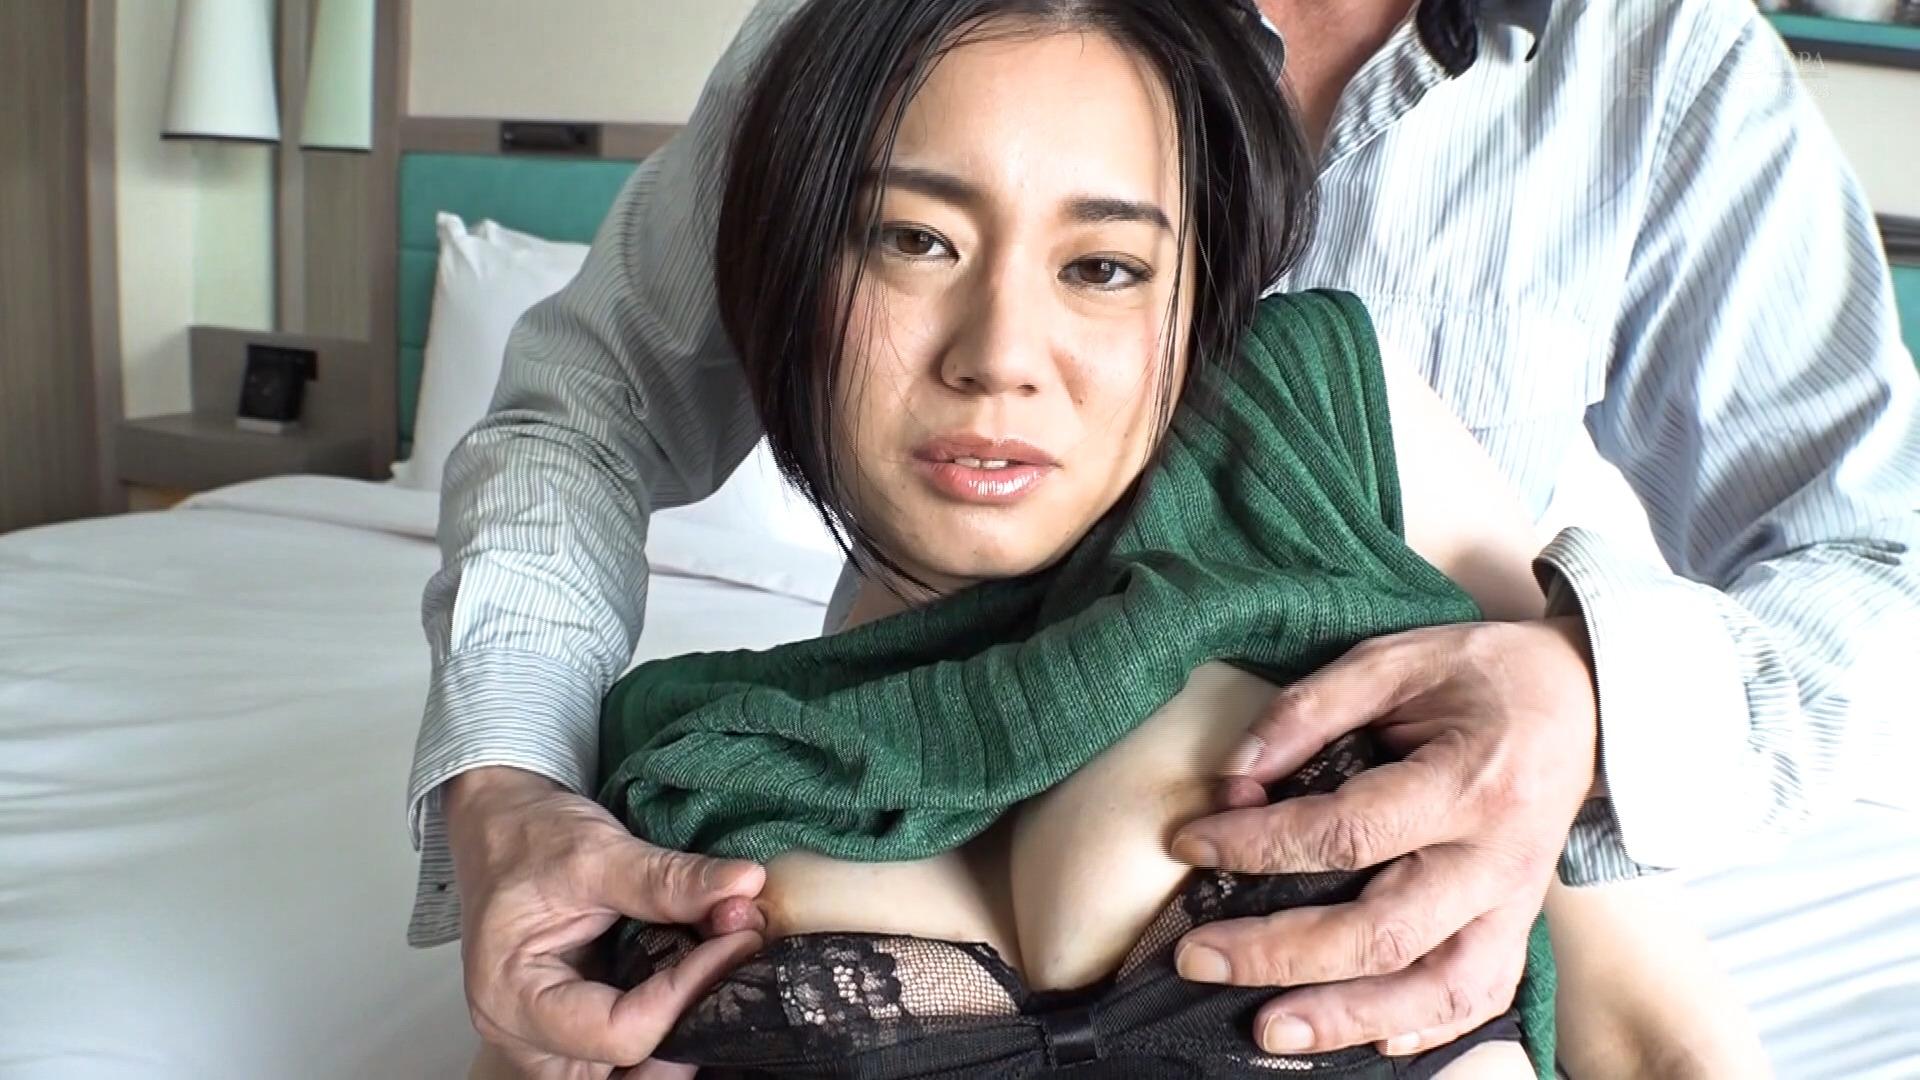 南アルプスの湧き水よりも澄み切った120%天然素材の美人妻 平井栞奈 34歳 第2章 強制淫語&言葉責め 「あなたごめんなさい。初めて会った男性に調教されます」のサンプル動画